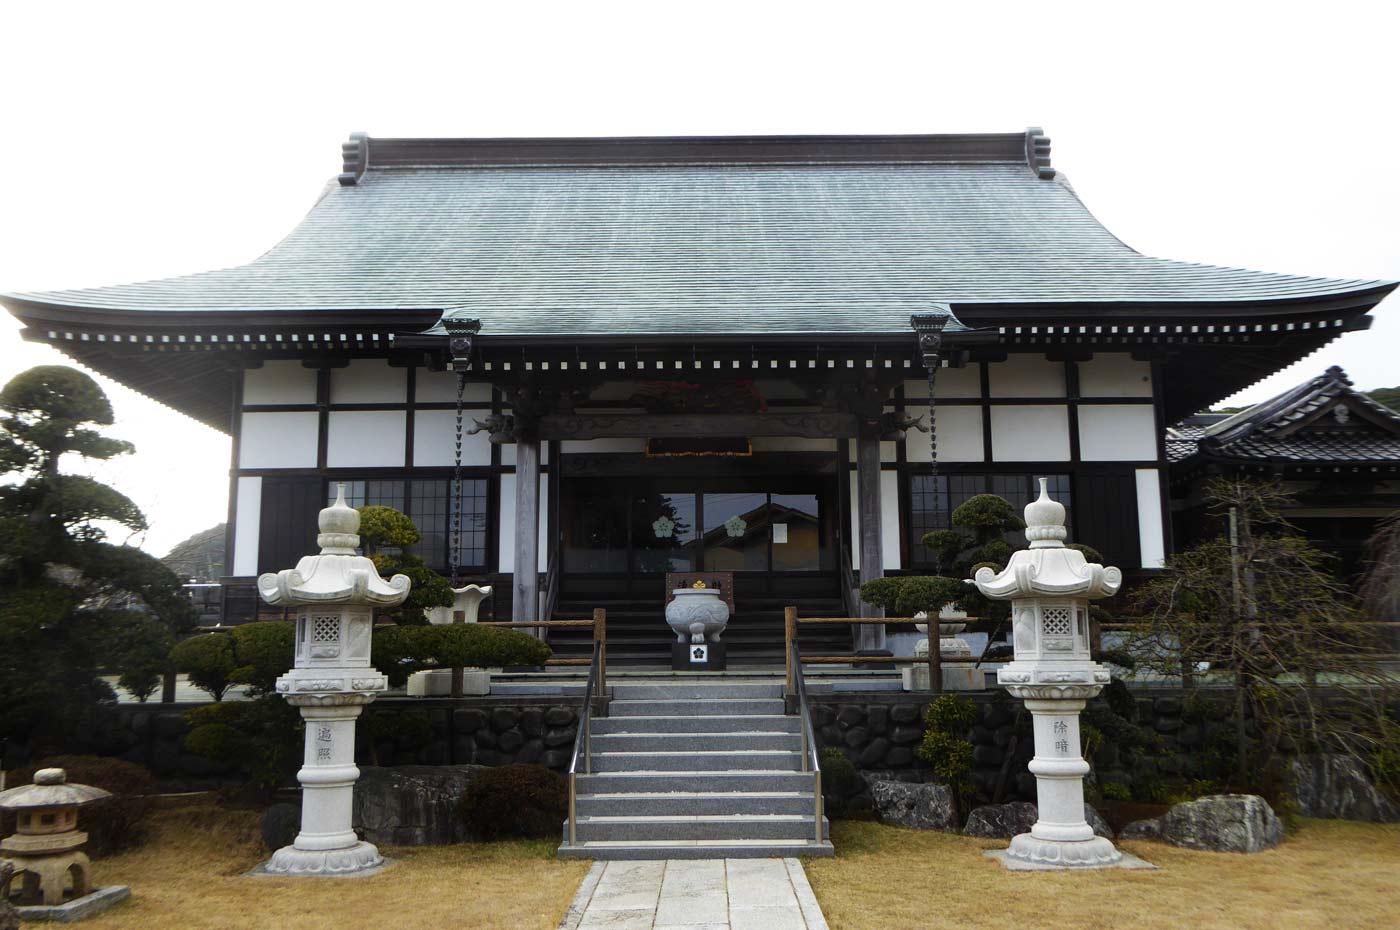 西養寺本堂の画像